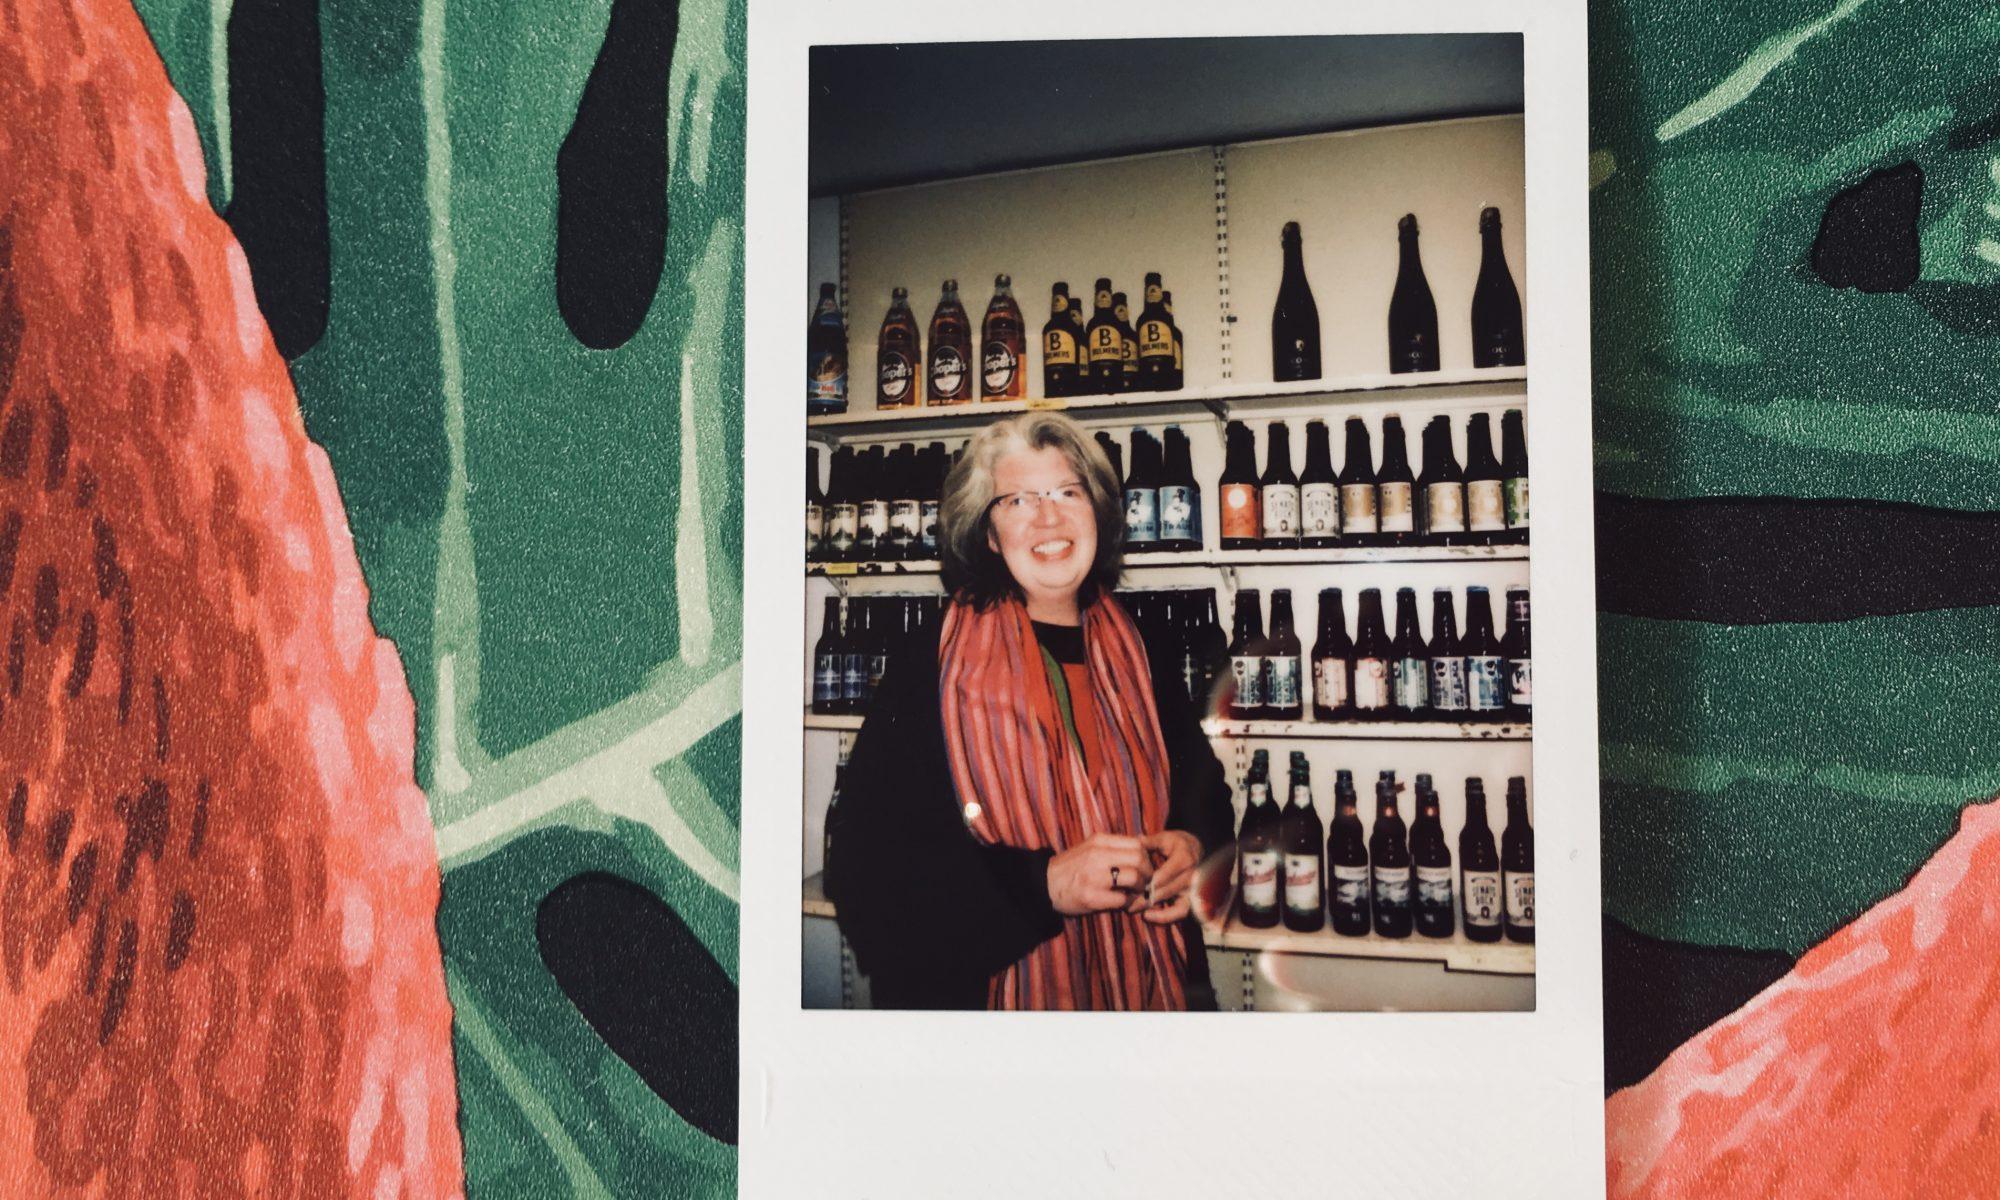 Bierkönigin Hamburg Bierland Esther Issak de Schmidt-Bohländer